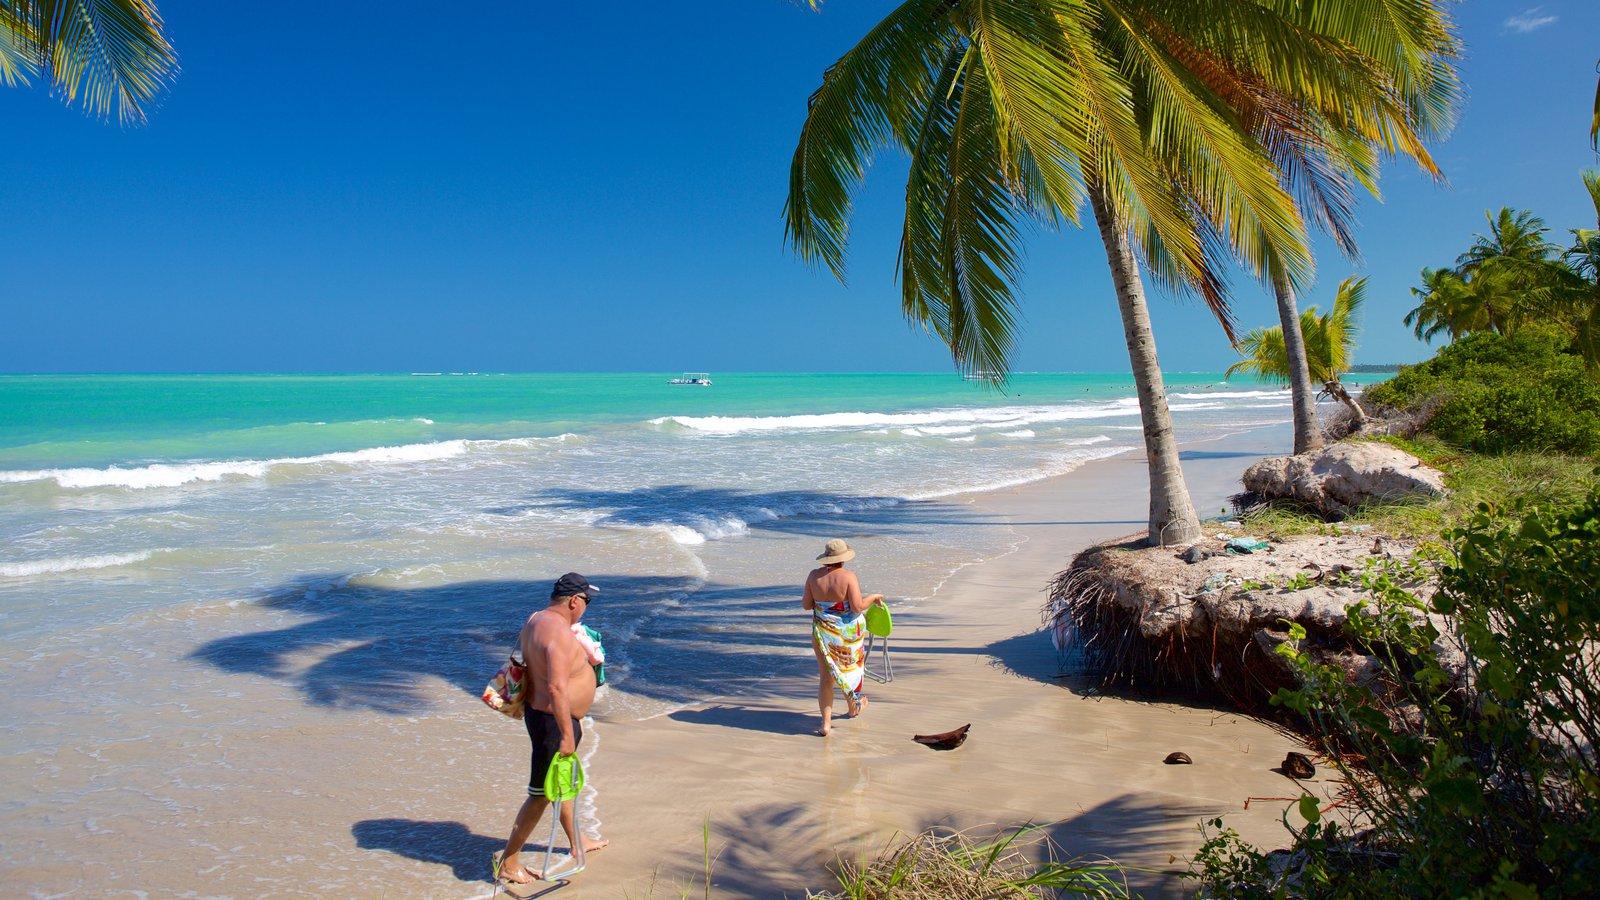 Praia de Ipioca que inclui paisagens litorâneas, cenas tropicais e ondas